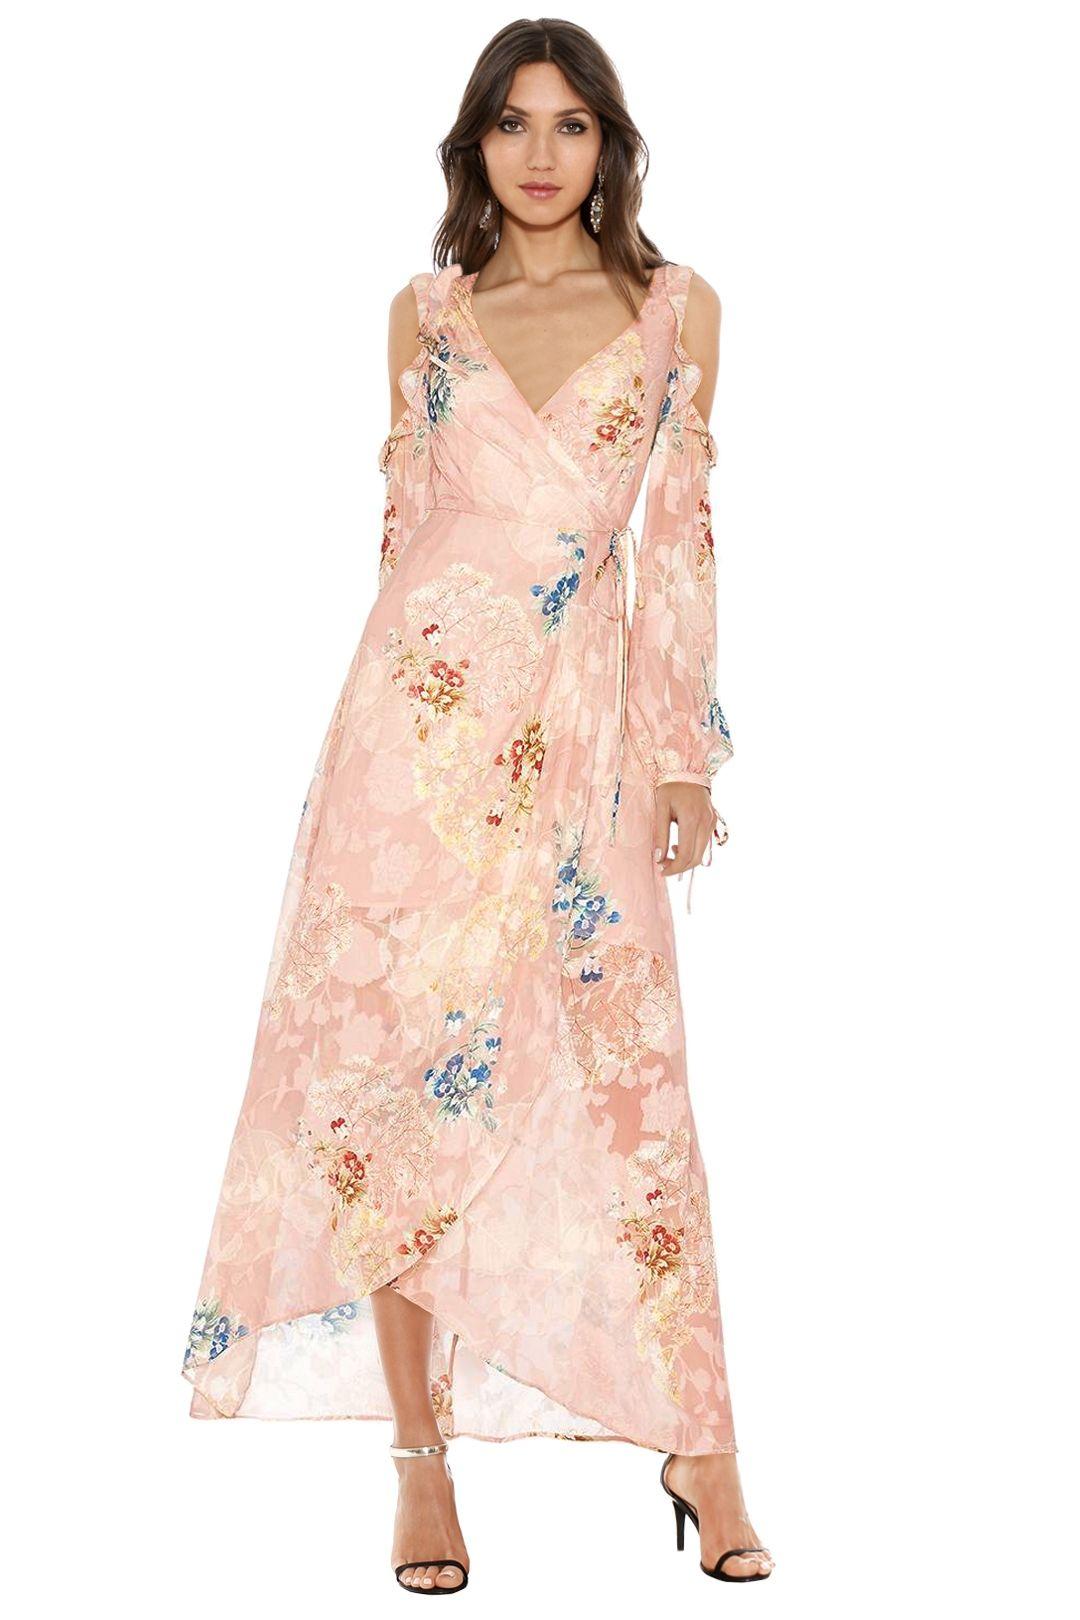 We Are Kindred - Hayley Frill Cold Shoulder Dress - Floral Pink - Front